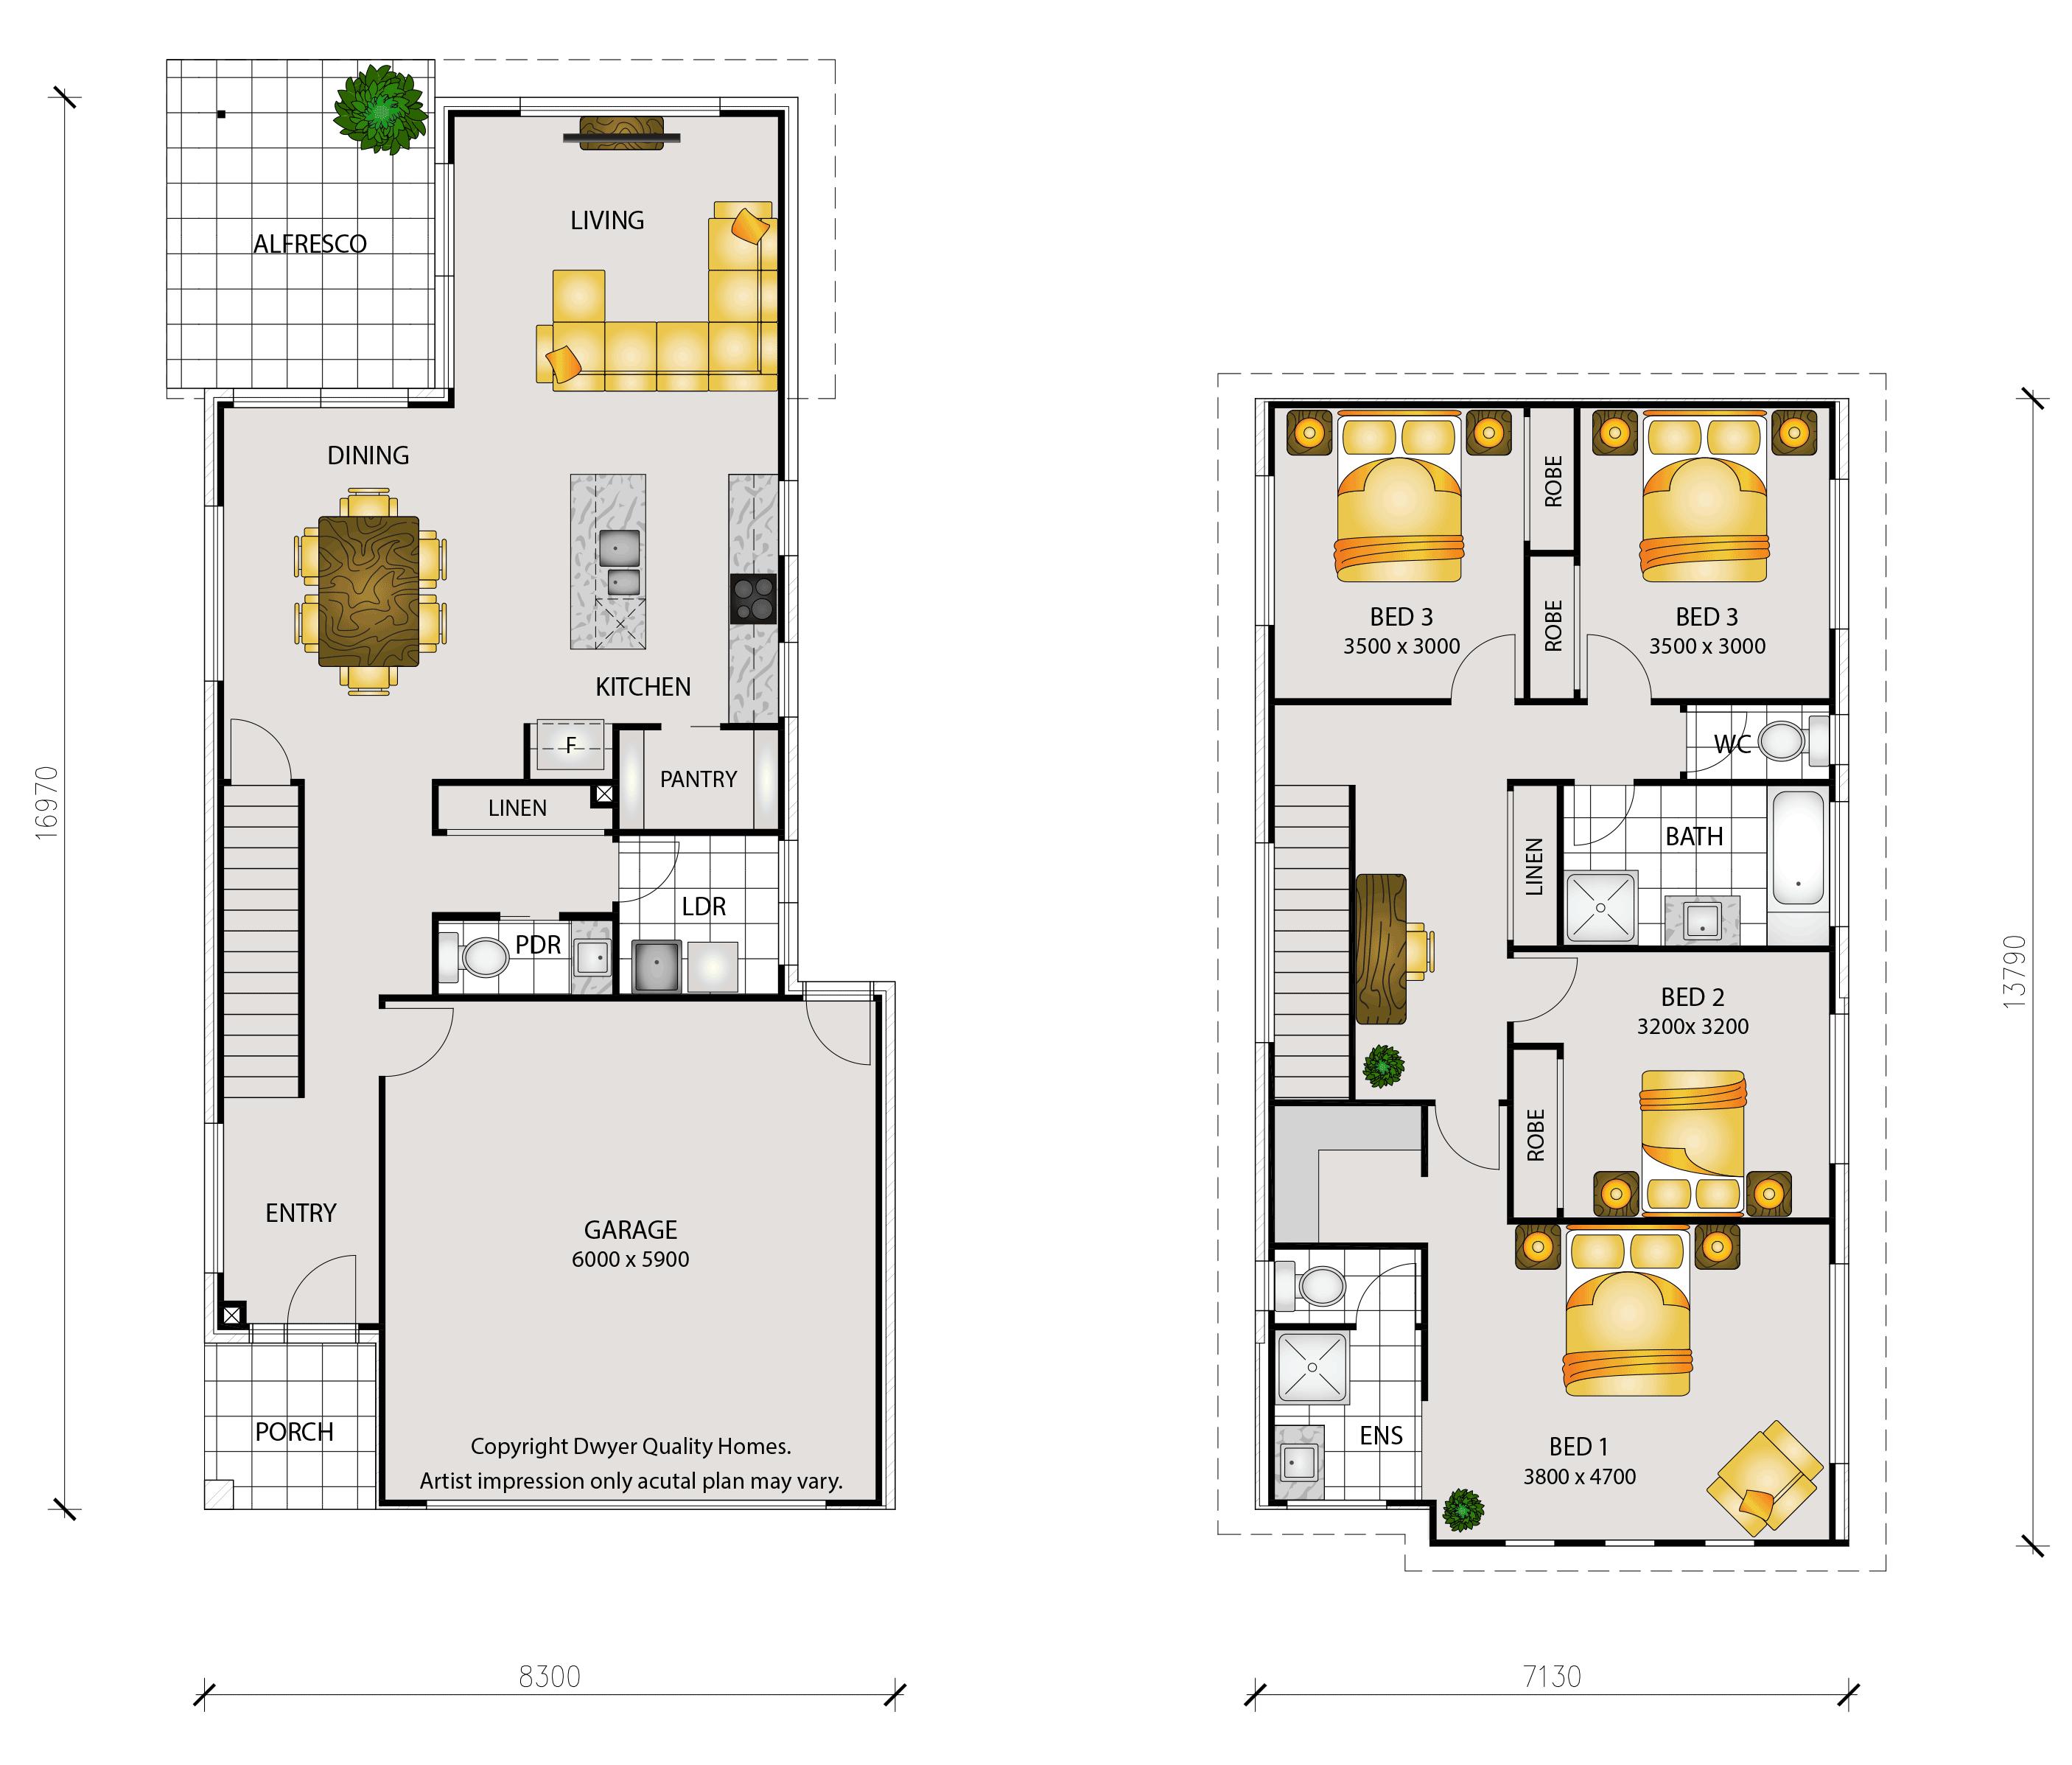 Echo - Floorplans